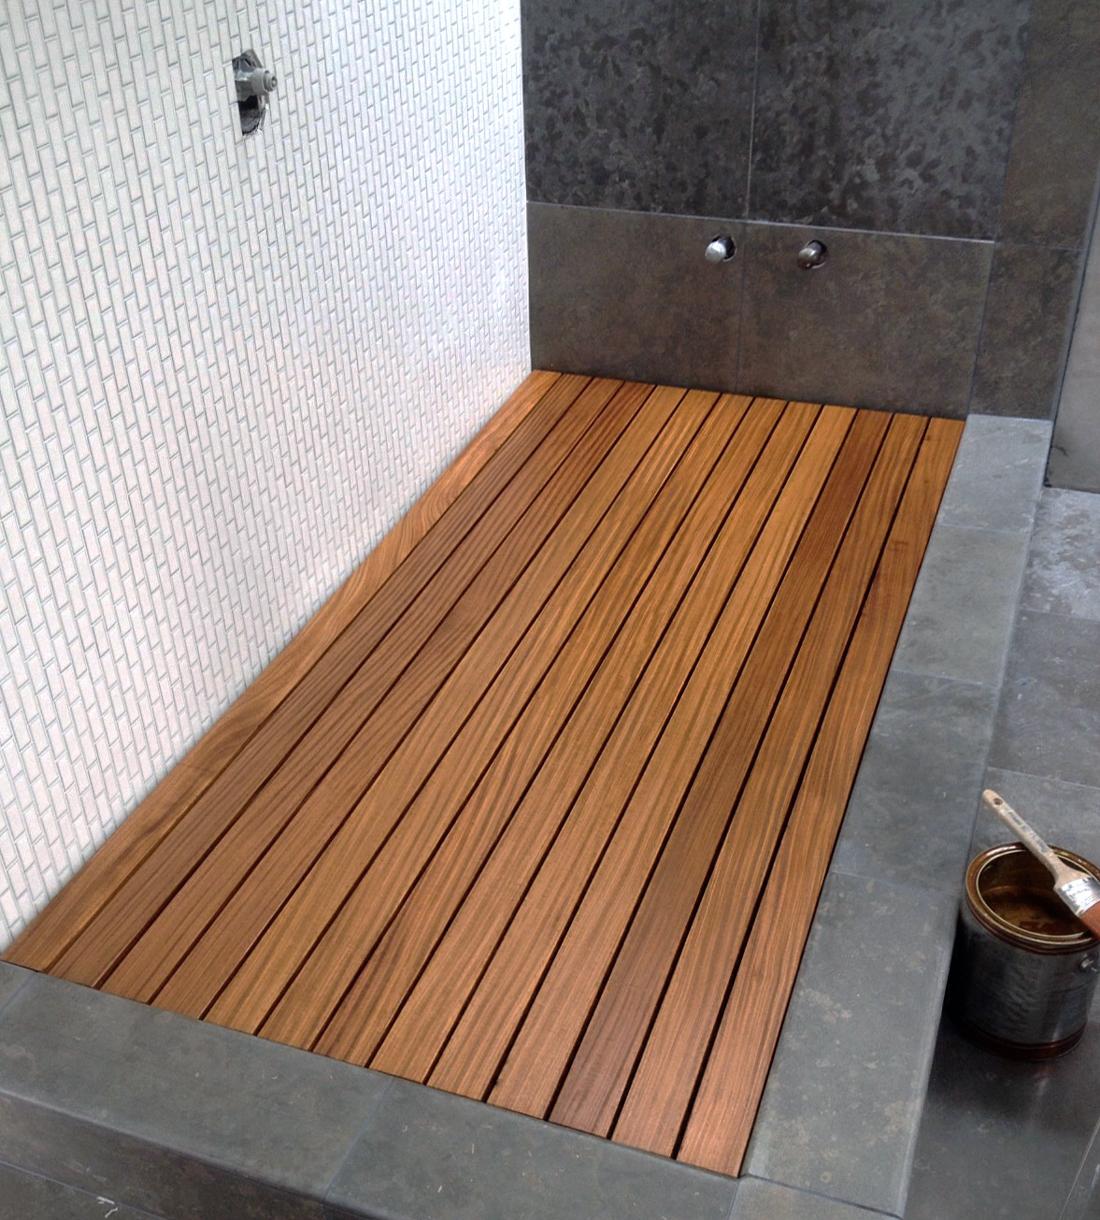 wood platform, sealed